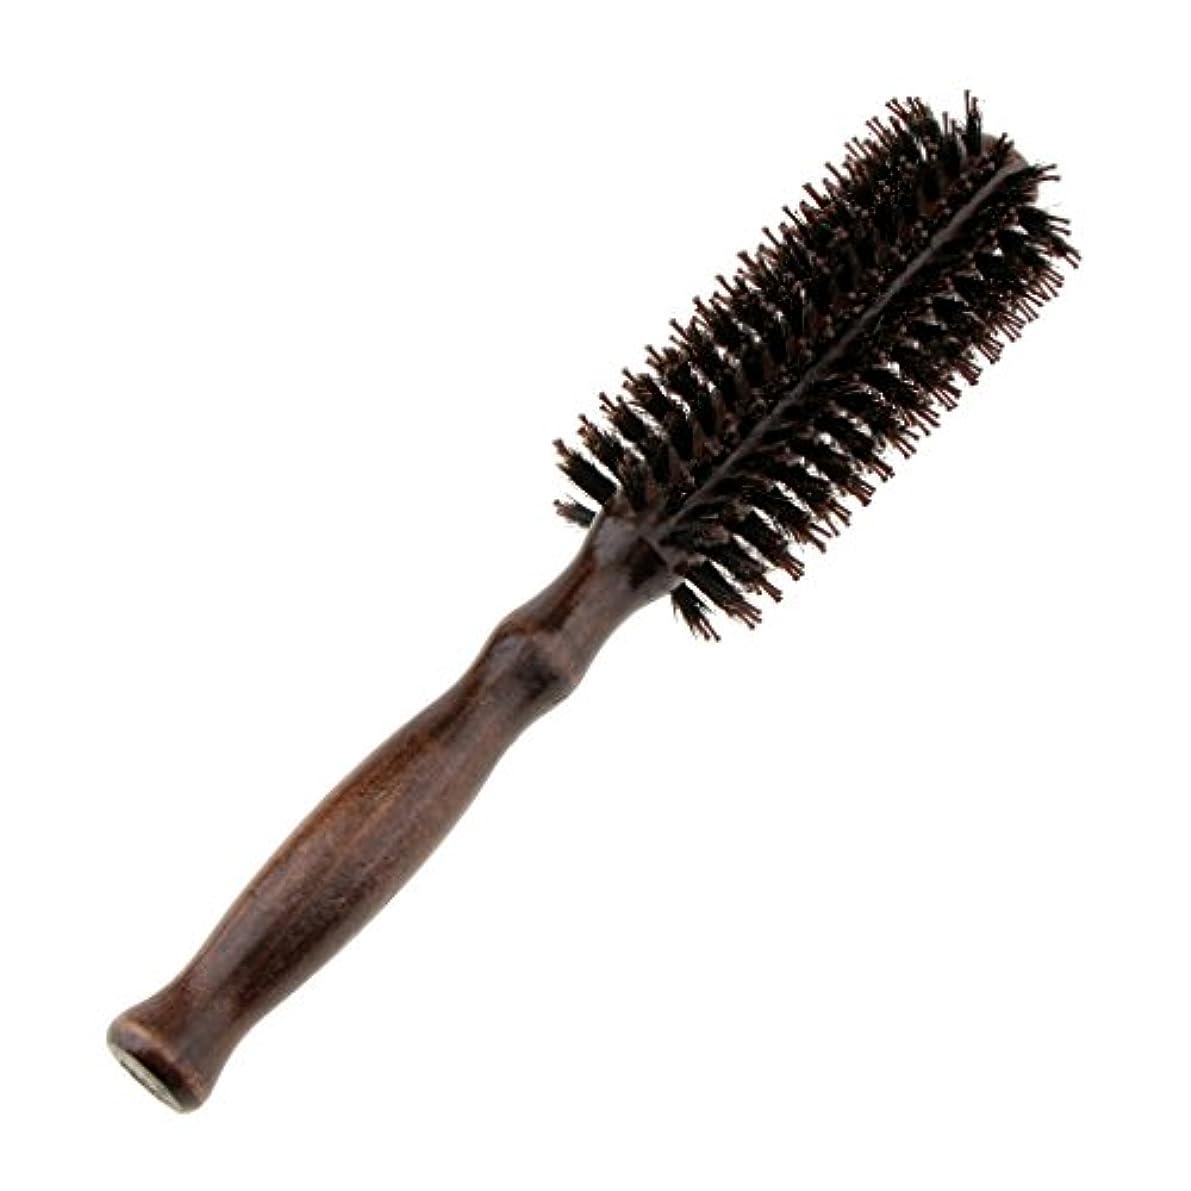 プロジェクター見分ける維持するHomyl ロールブラシ ヘアブラシ ラウンド ウッド ハンドル 理髪 美容 カール 2タイプ選べる - #1